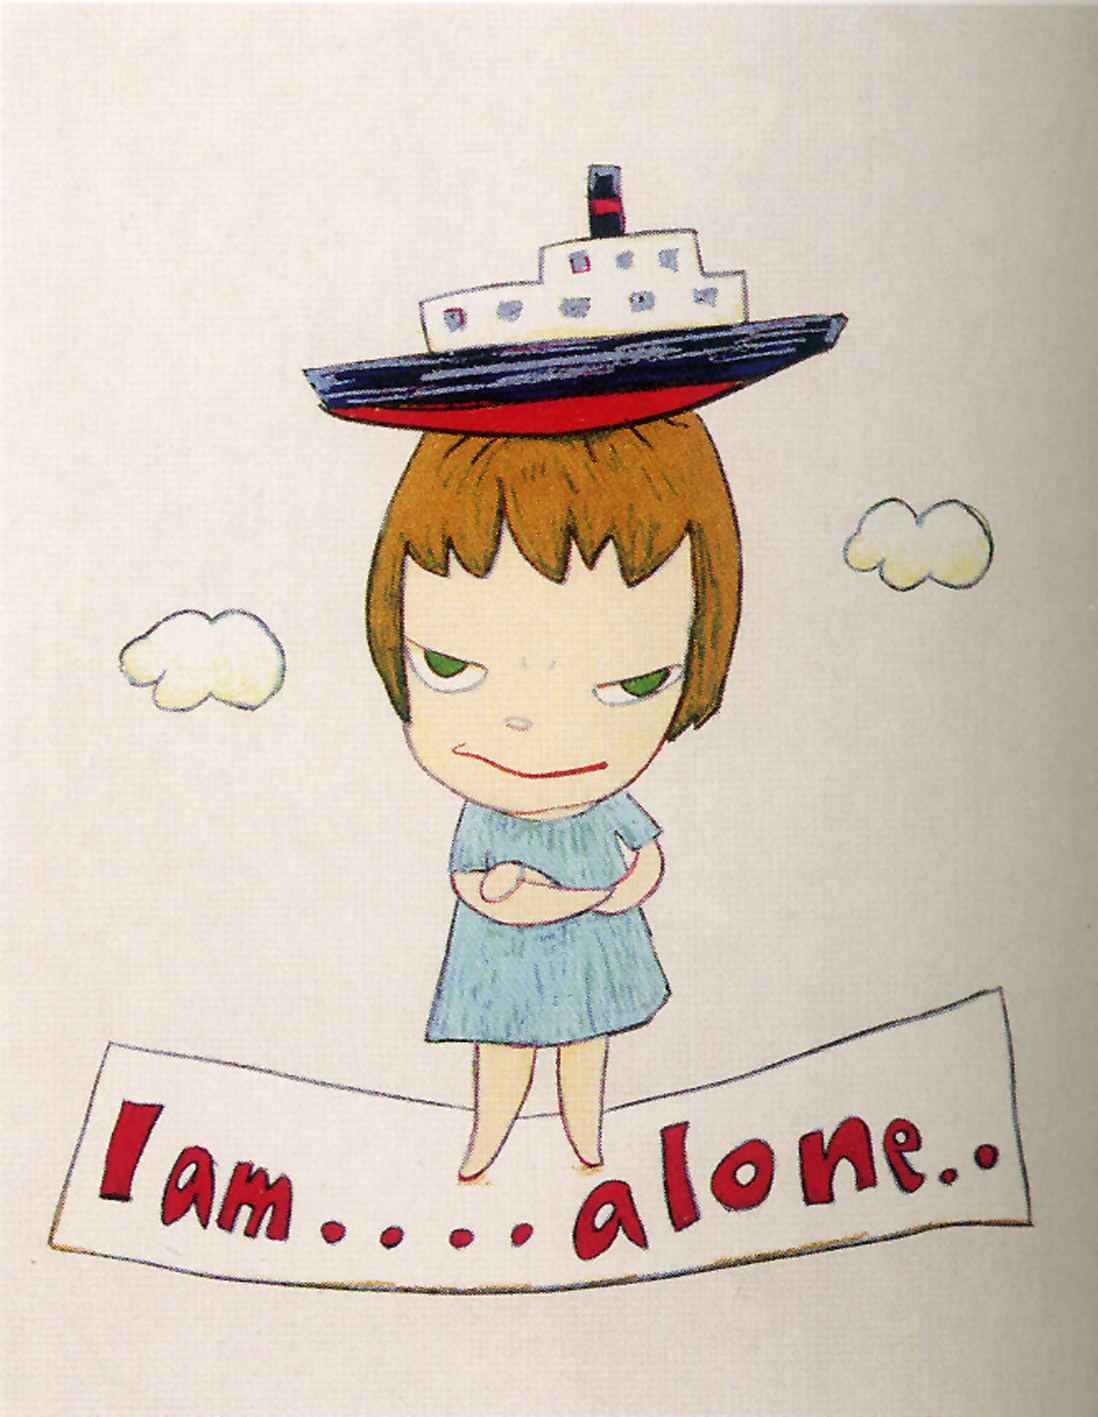 《I Am......Alone》